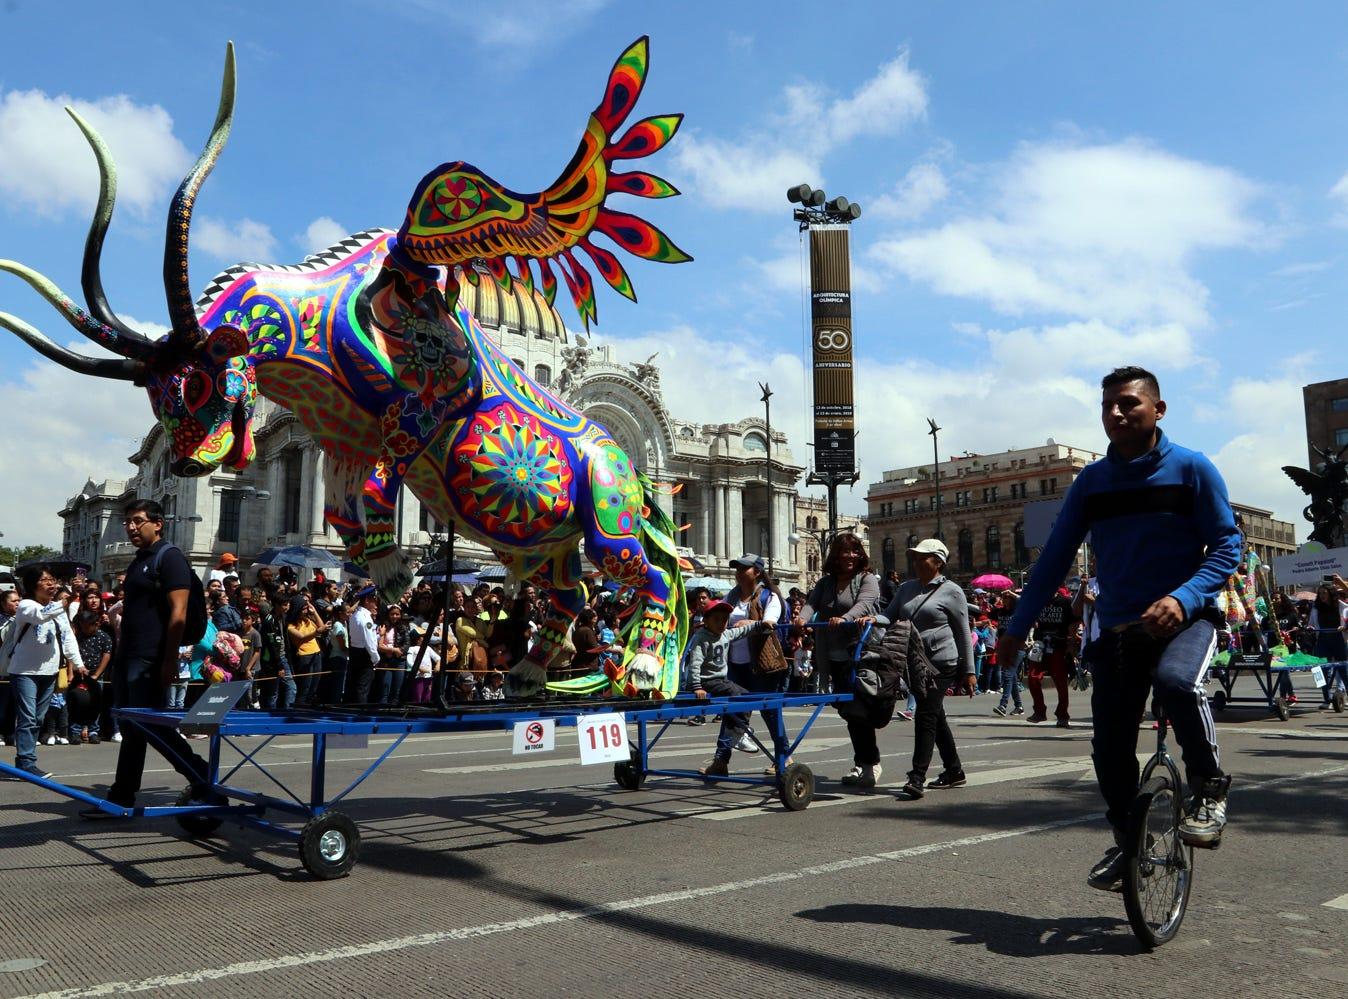 Creaciones únicas. La caravana pasó por sitios emblemáticos de la Capital, como Bellas Artes.  Las figuras permanecerán exhibidas en Reforma.